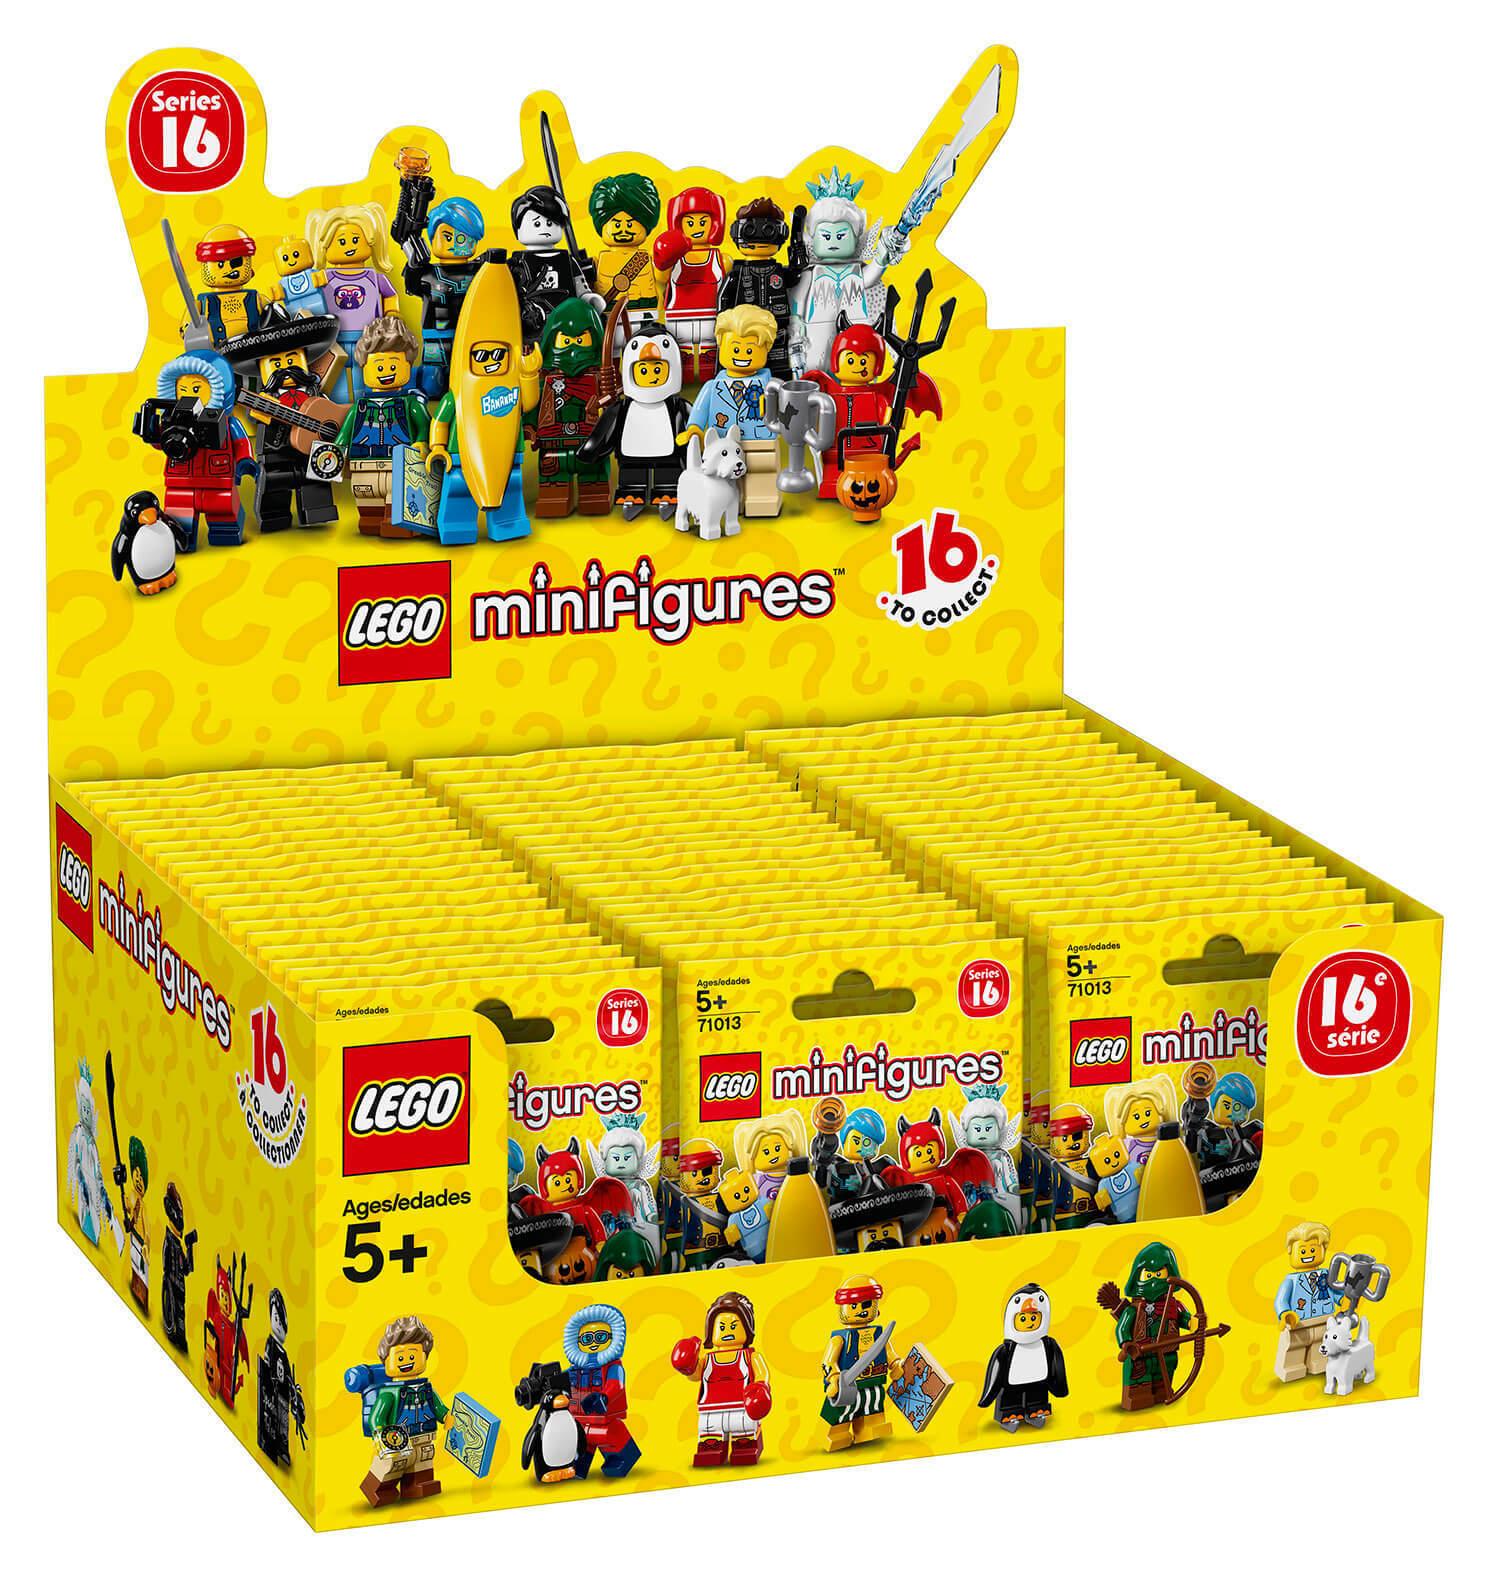 per poco costoso LEGO 71013 MINIcifra SERIES 16, SEALED scatola ( ( ( x60 MINIcifraS ), READY TO SHIP  buona qualità